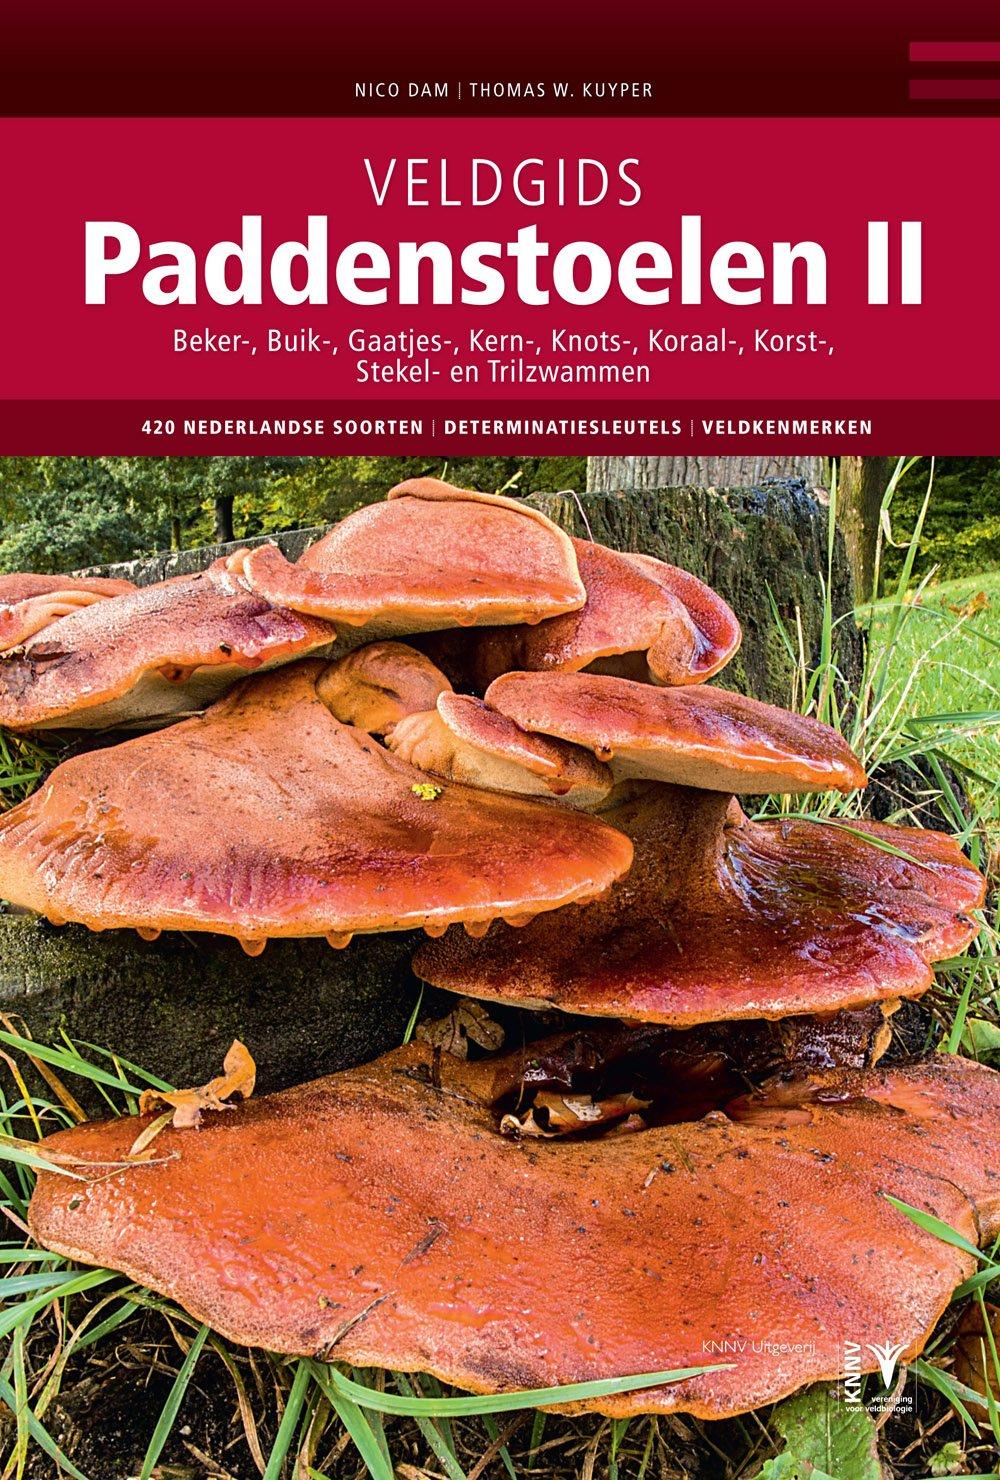 Veldgids Paddenstoelen deel II 9789050115919 Nico Dam, Thomas W. Kuyper KNNV   Natuurgidsen Benelux